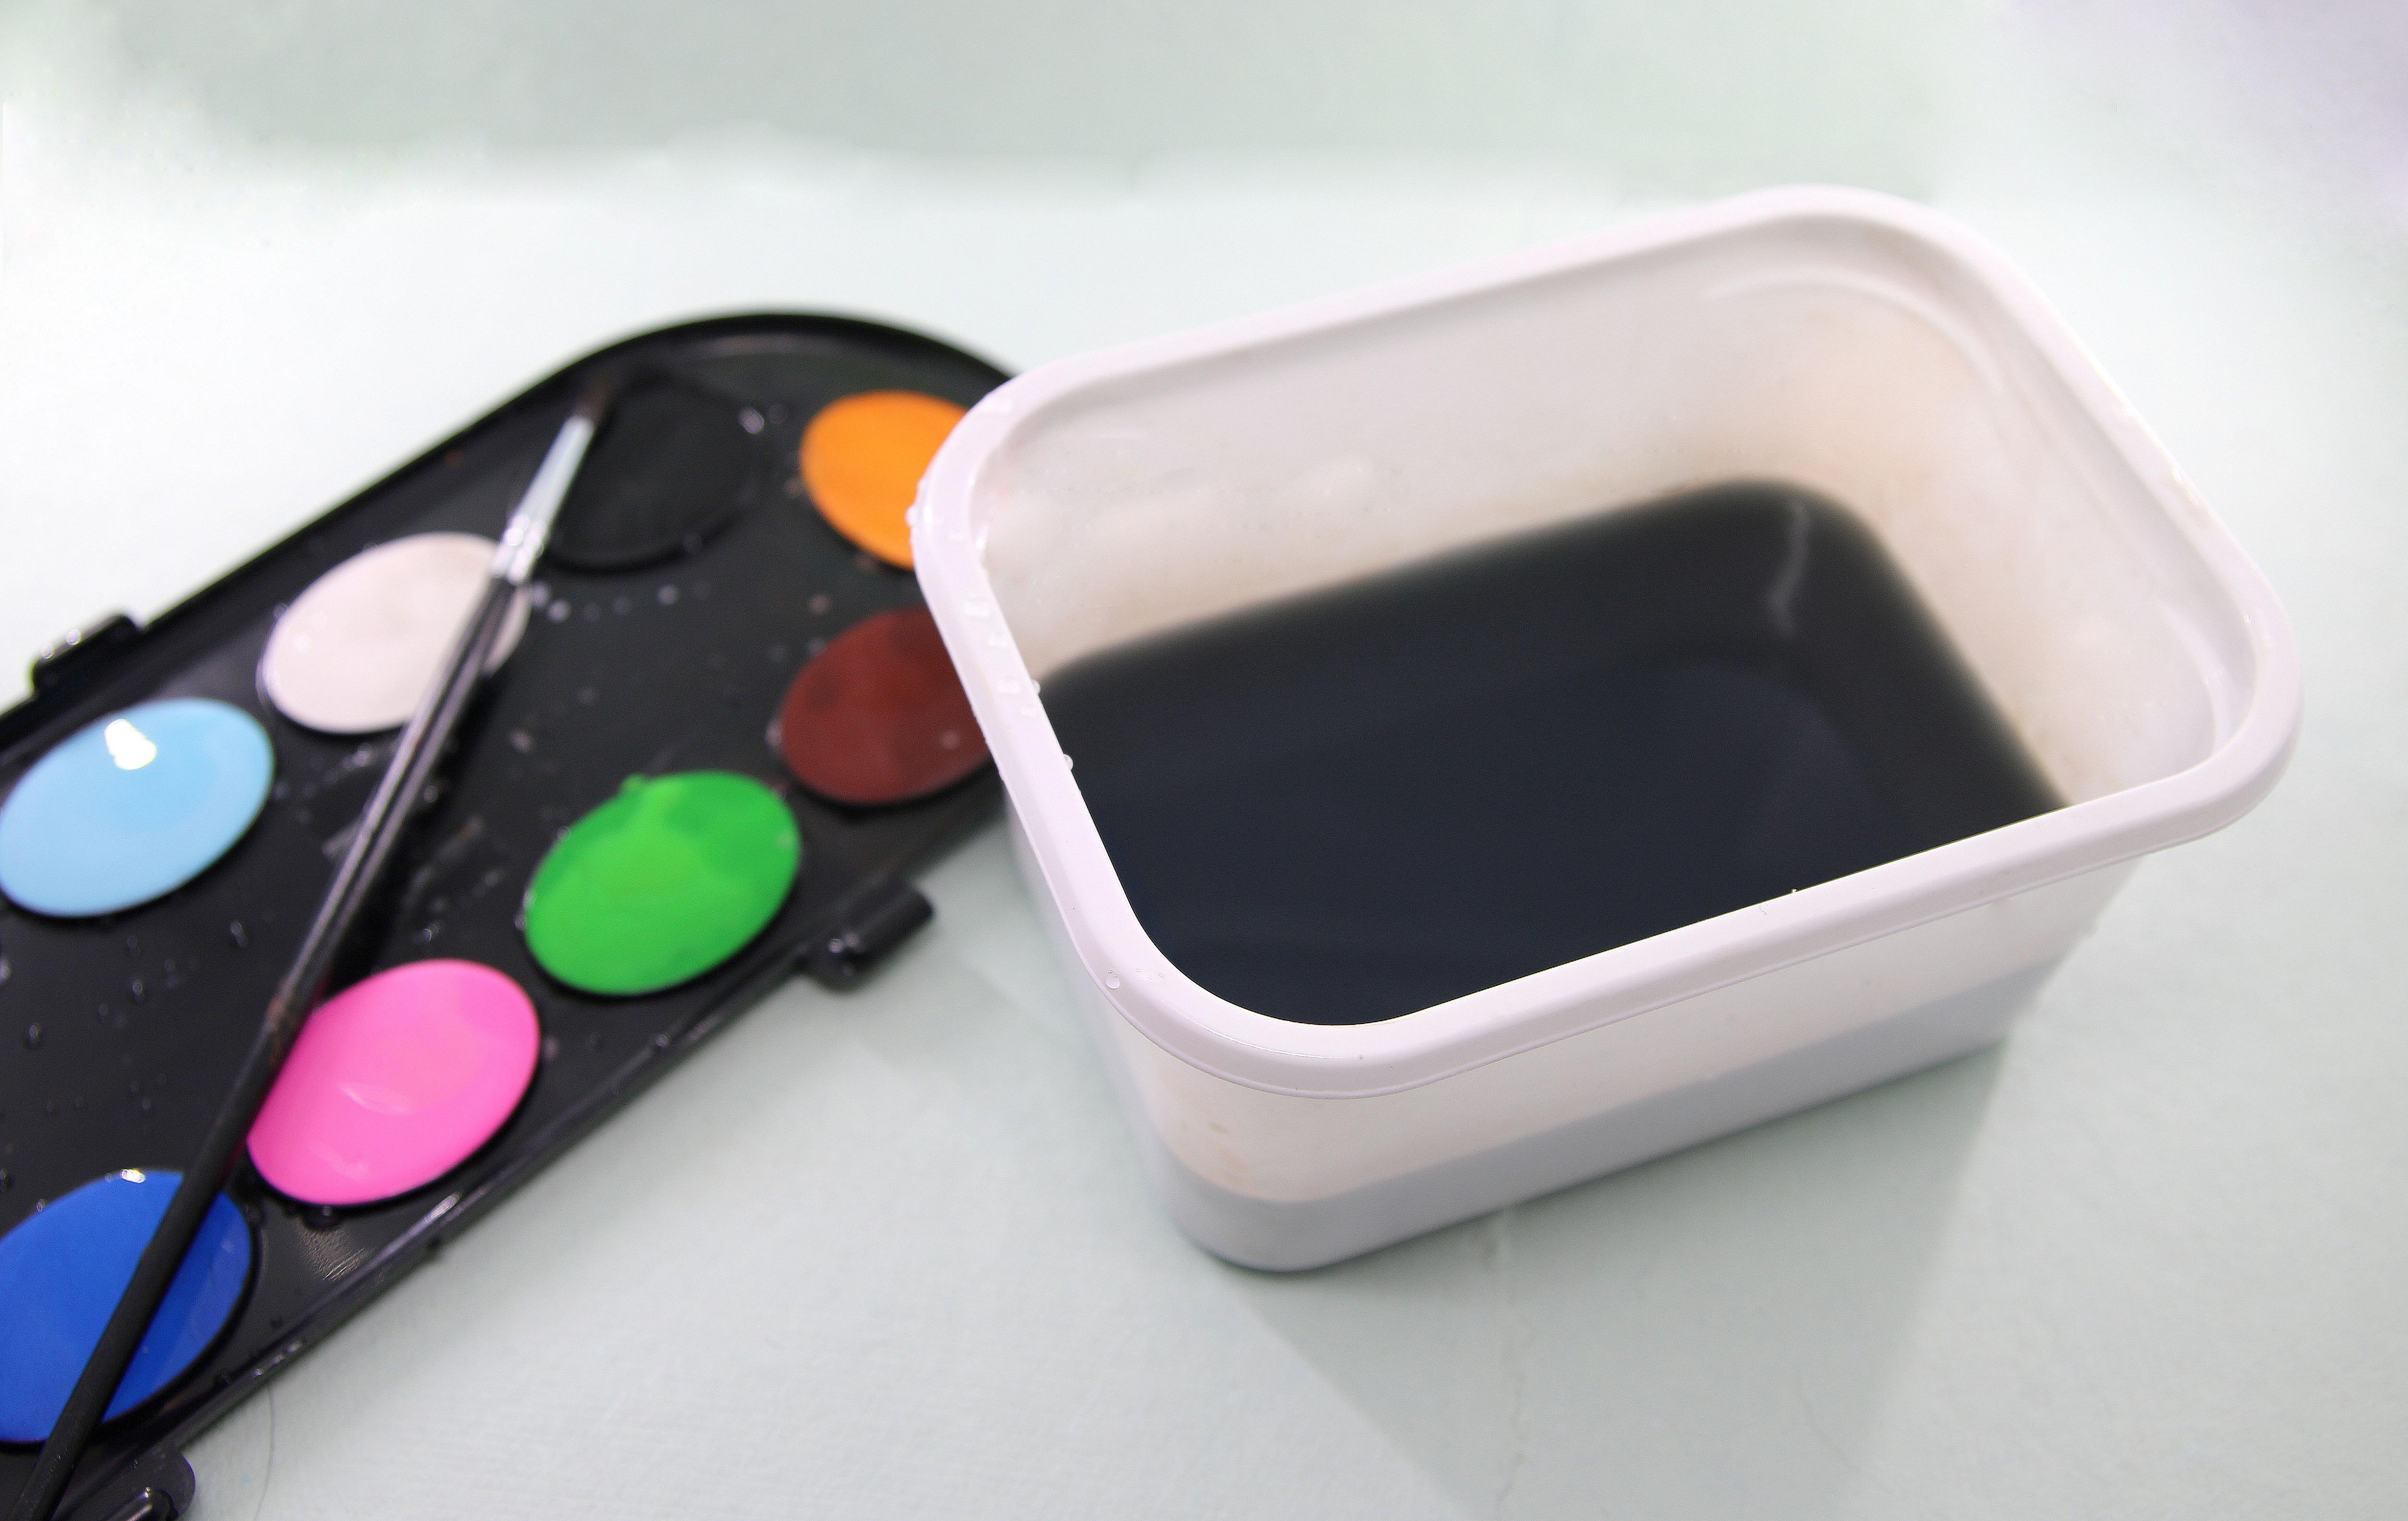 sett farge på gipsen med vannfarger